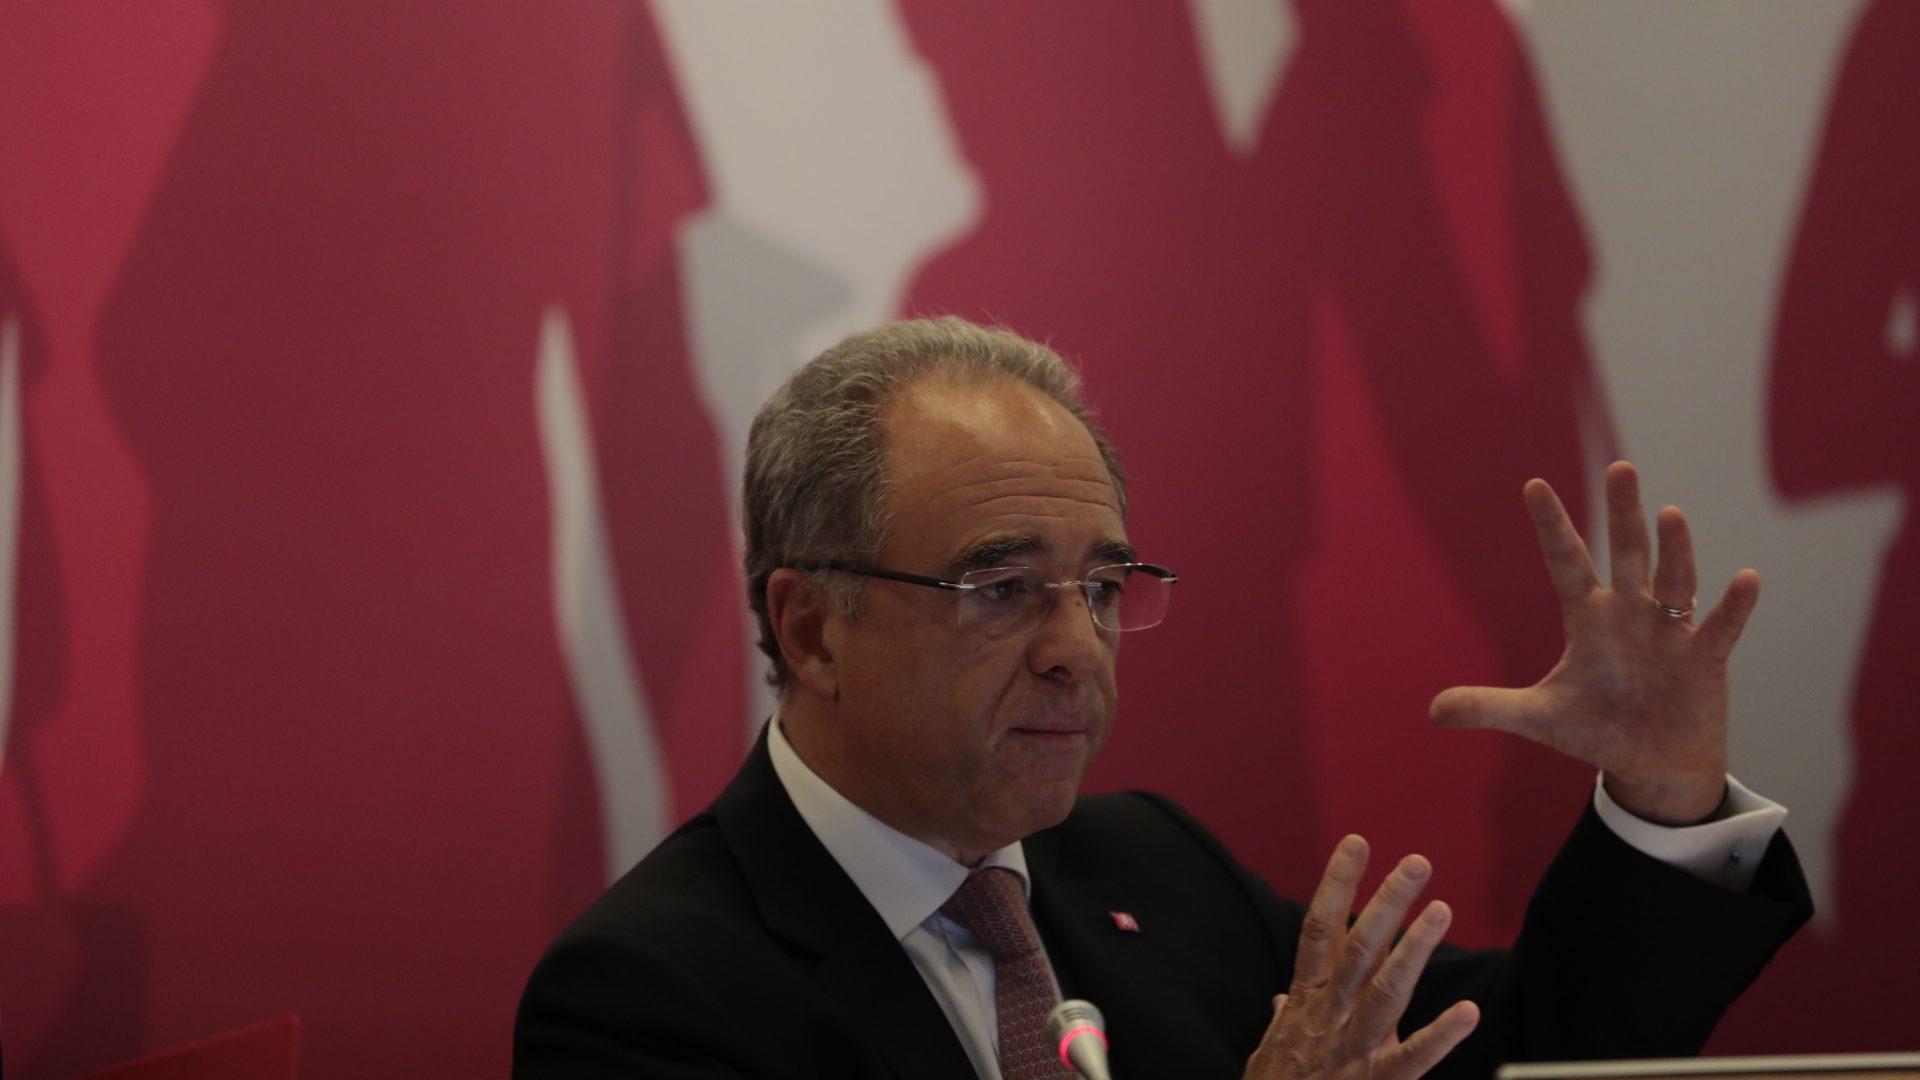 """Nuno Amado: """"Partidos deviam definir metas para redução da dívida"""""""